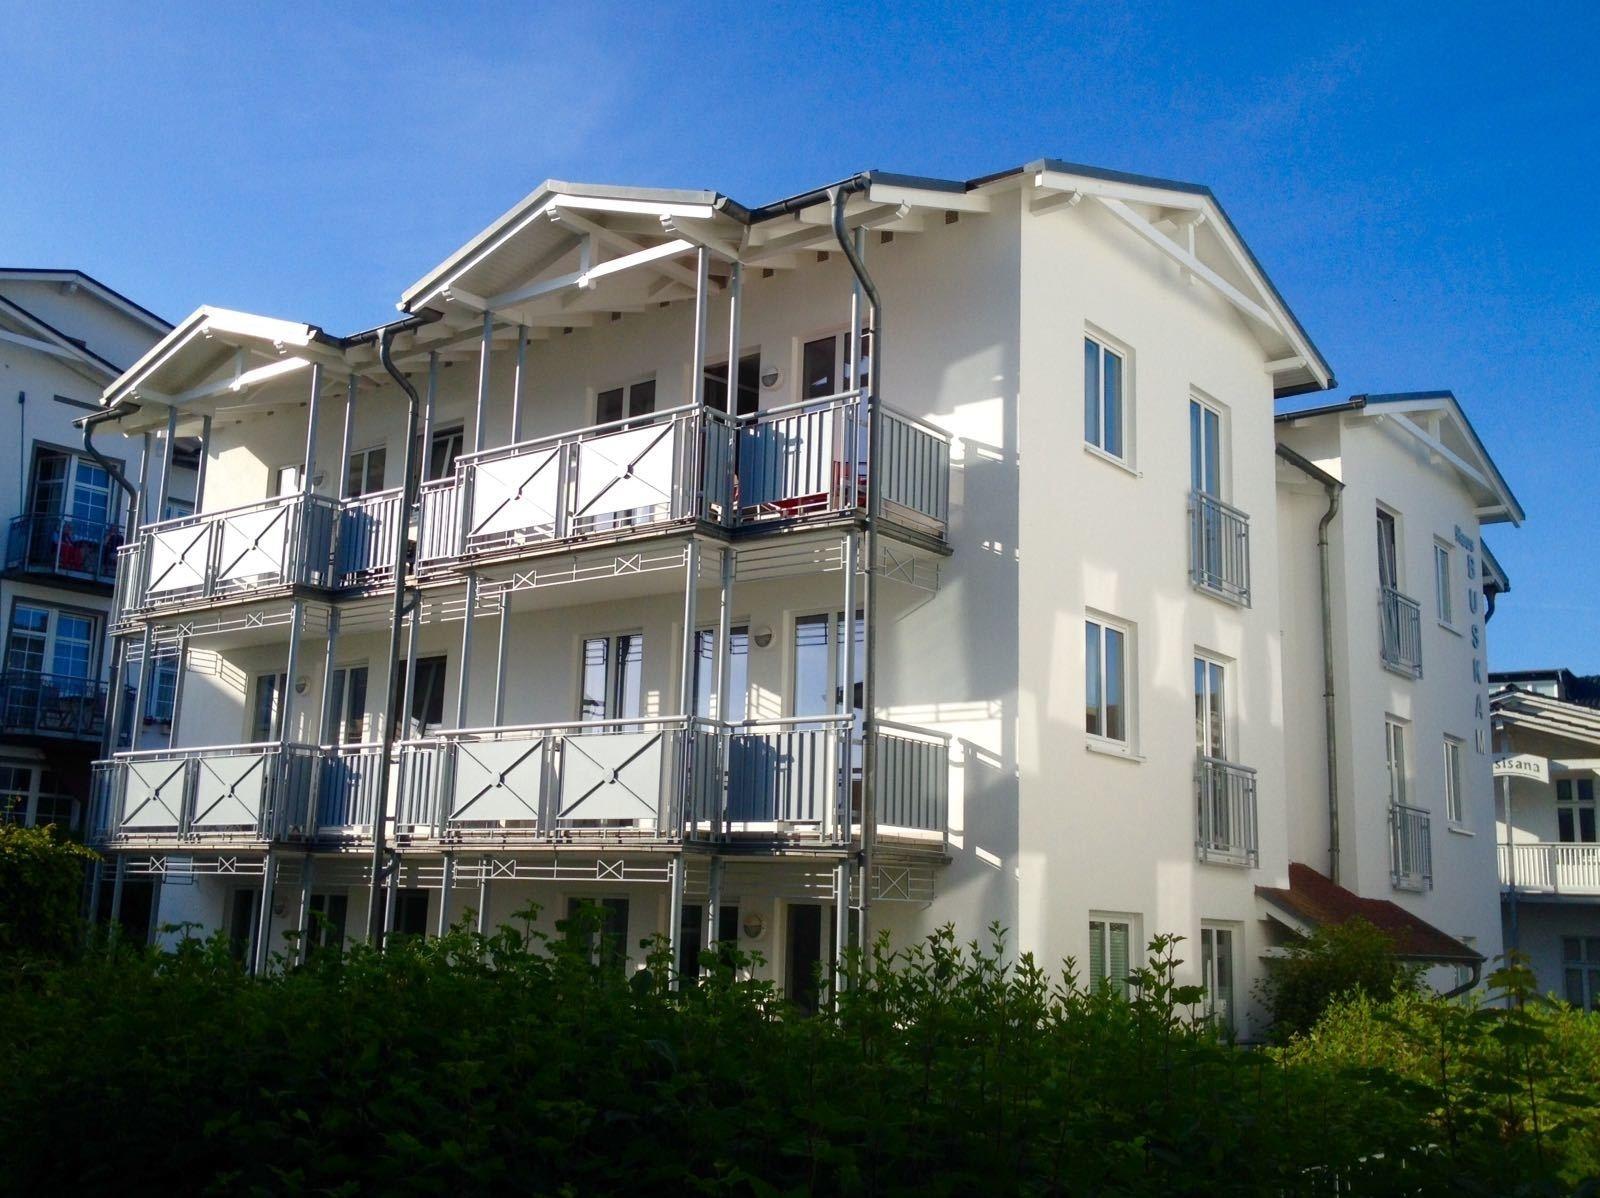 Haus Buskam / Wohnung 29 Ferienwohnung auf Rügen